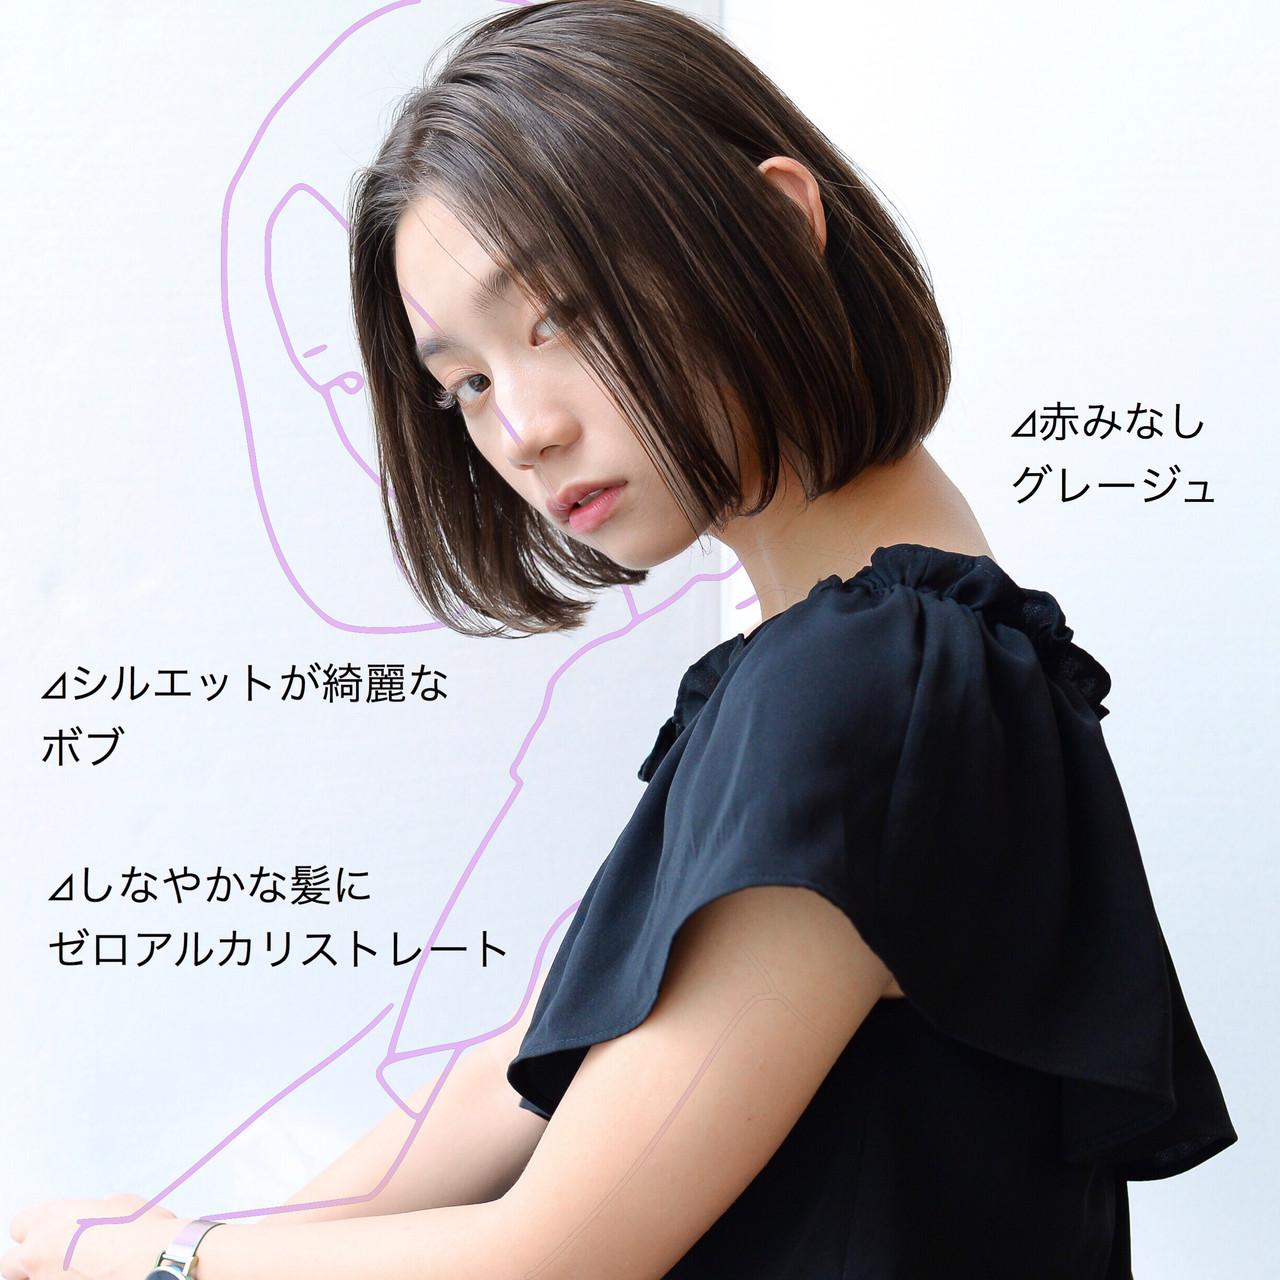 前髪 ナチュラル ボブ 髪質改善 ヘアスタイルや髪型の写真・画像